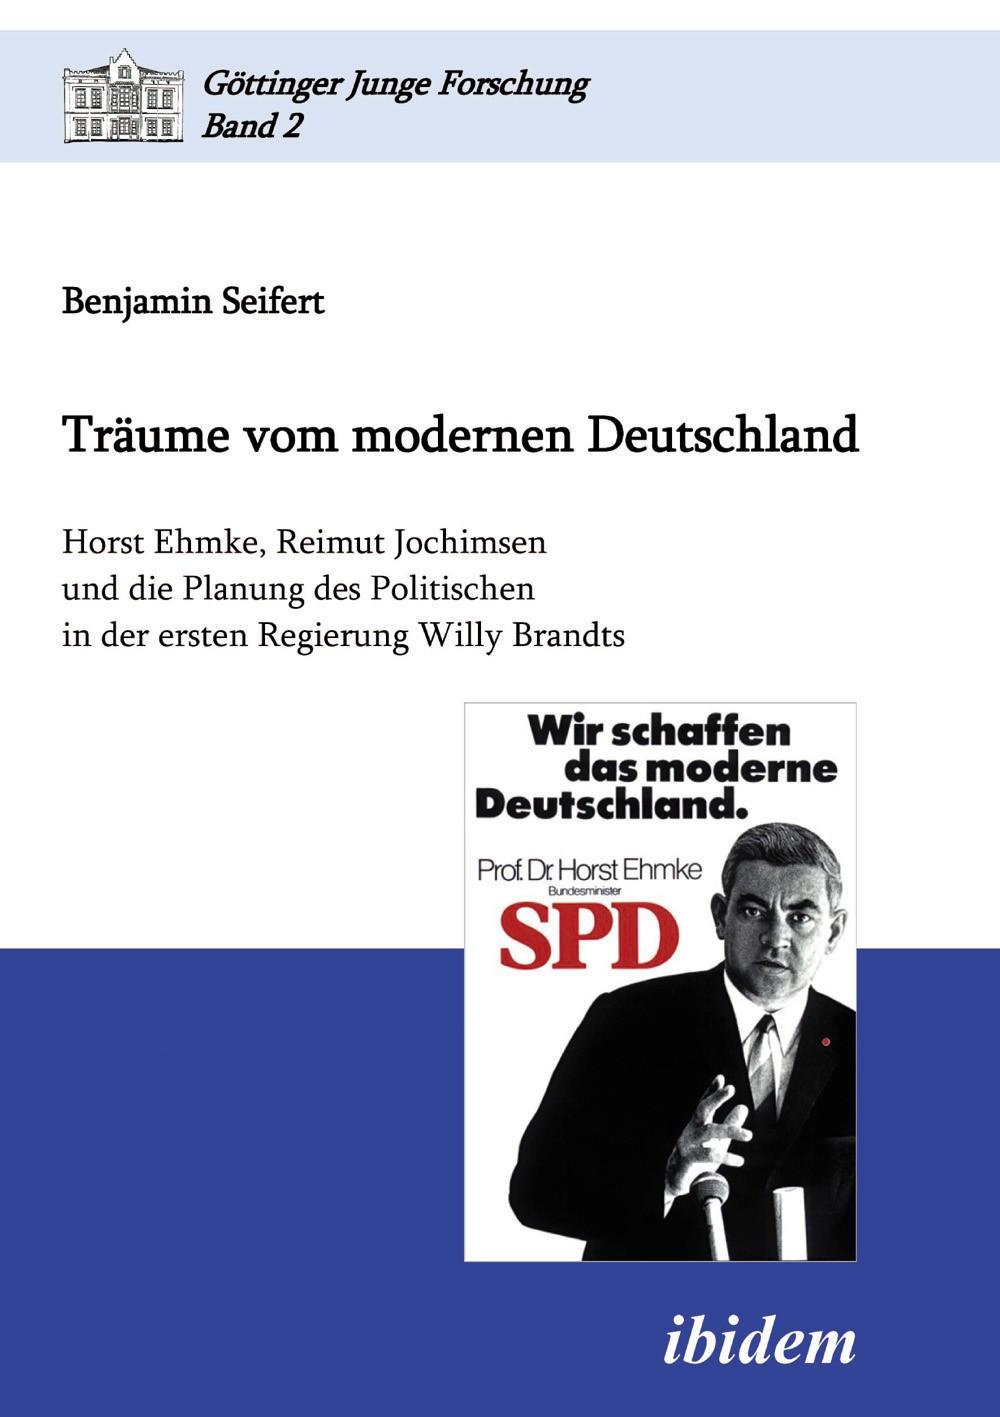 Träume vom modernen Deutschland. Horst Ehmke, Reimut Jochimsen und die Planung des Politischen in der ersten Regierung Willy Brandts